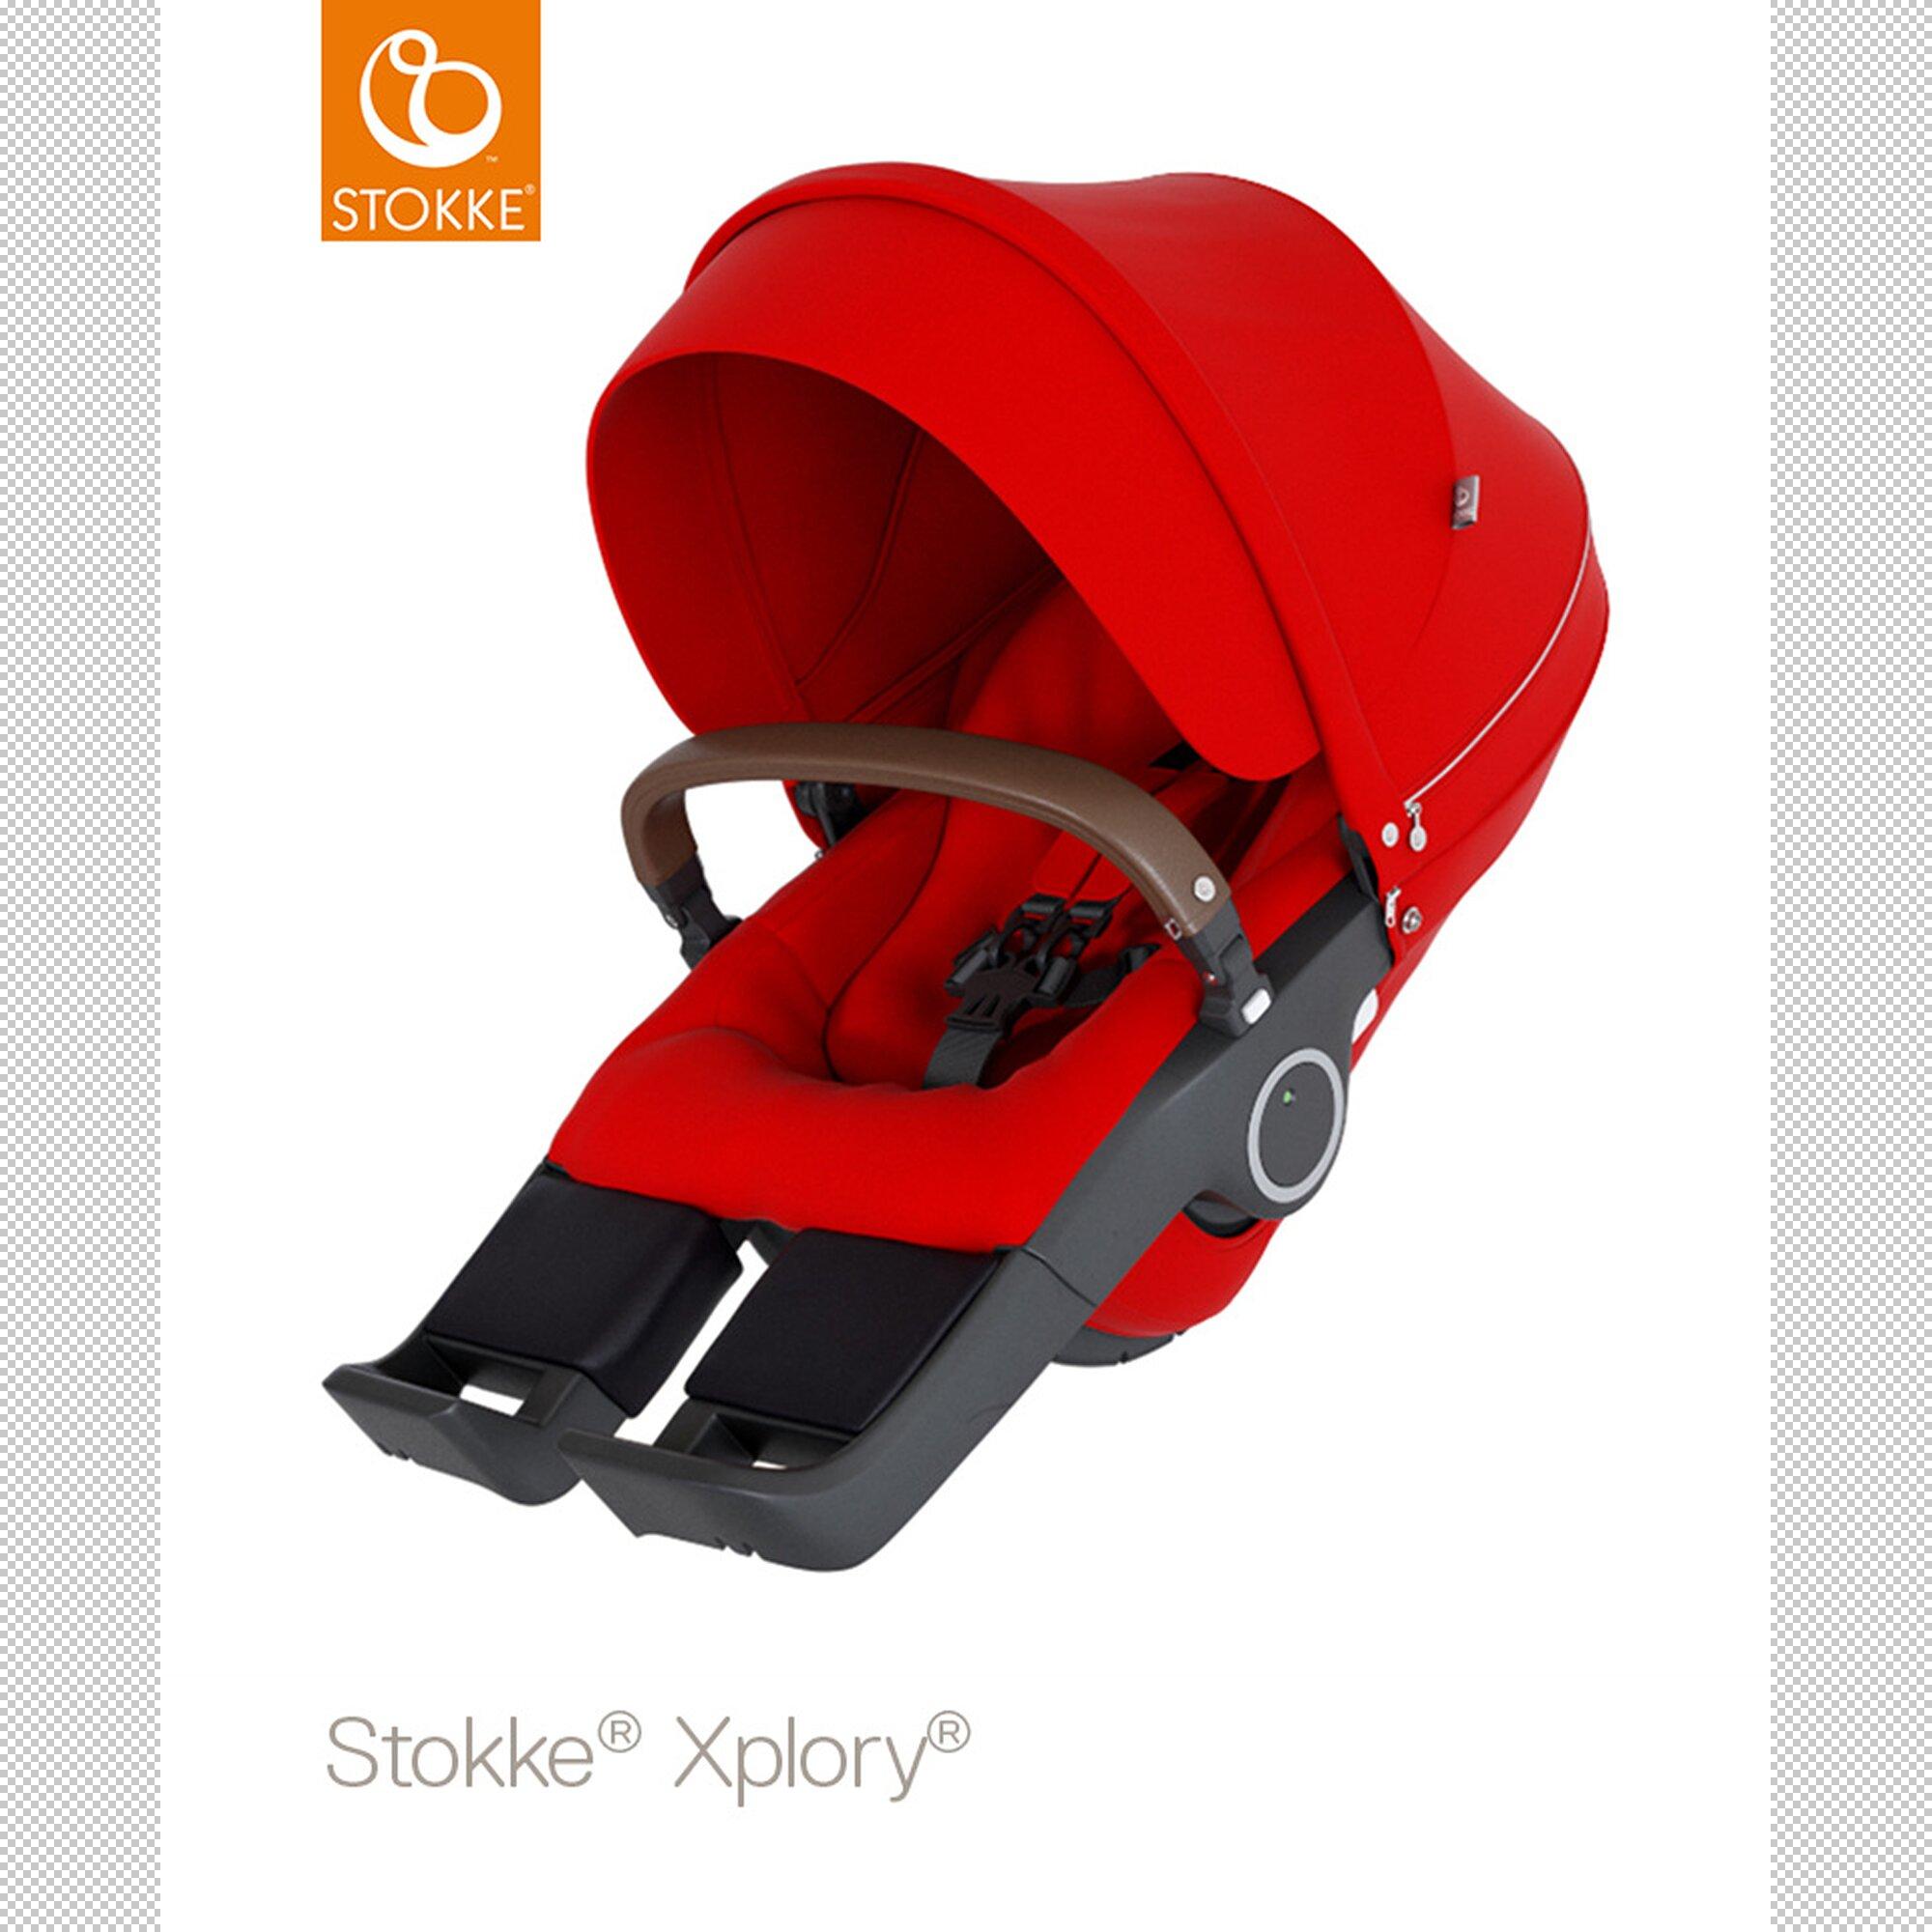 stokke-sitzaufsatz-fur-xplory-v6-trailz-rot